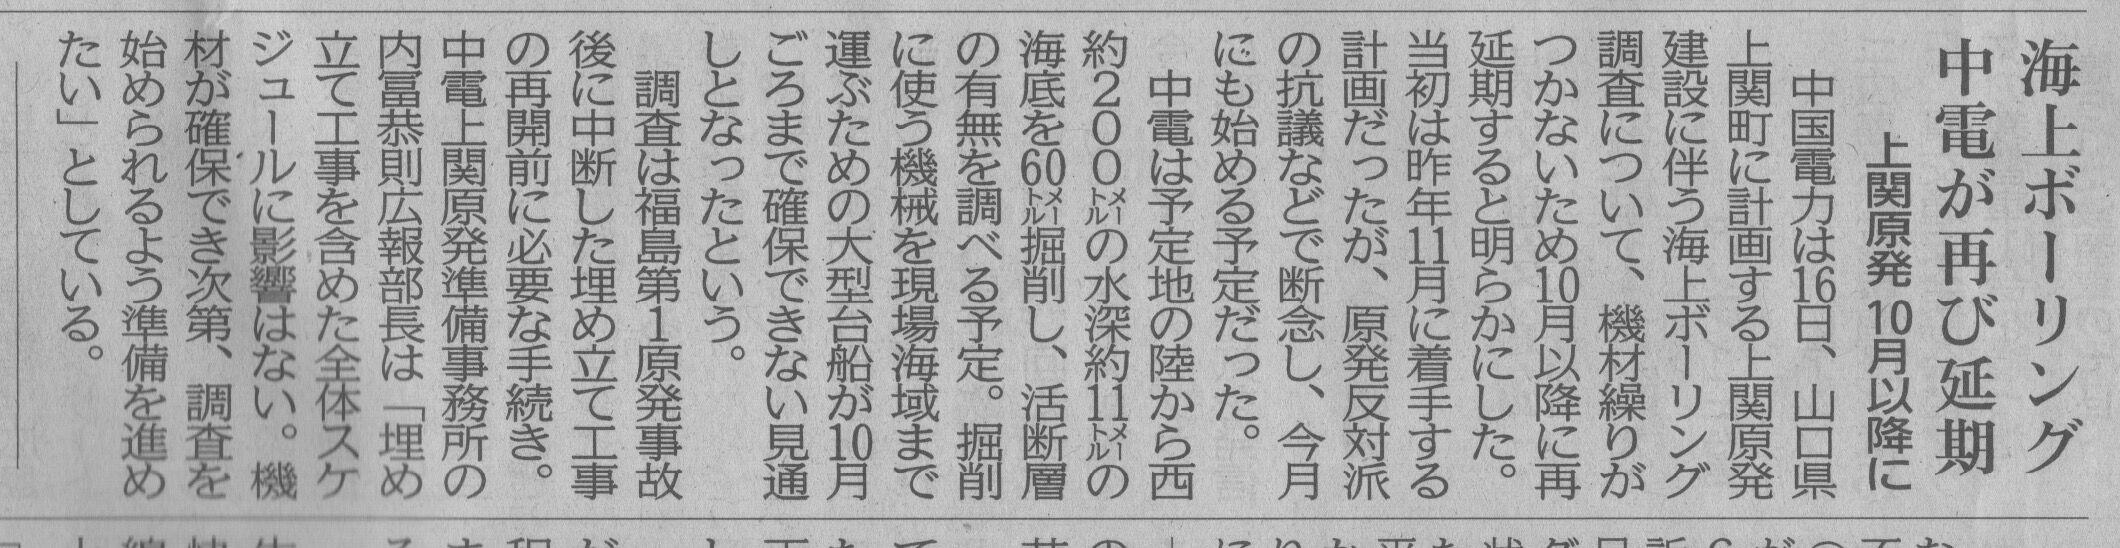 20200417.中電ボーリング調査延期.中国新聞